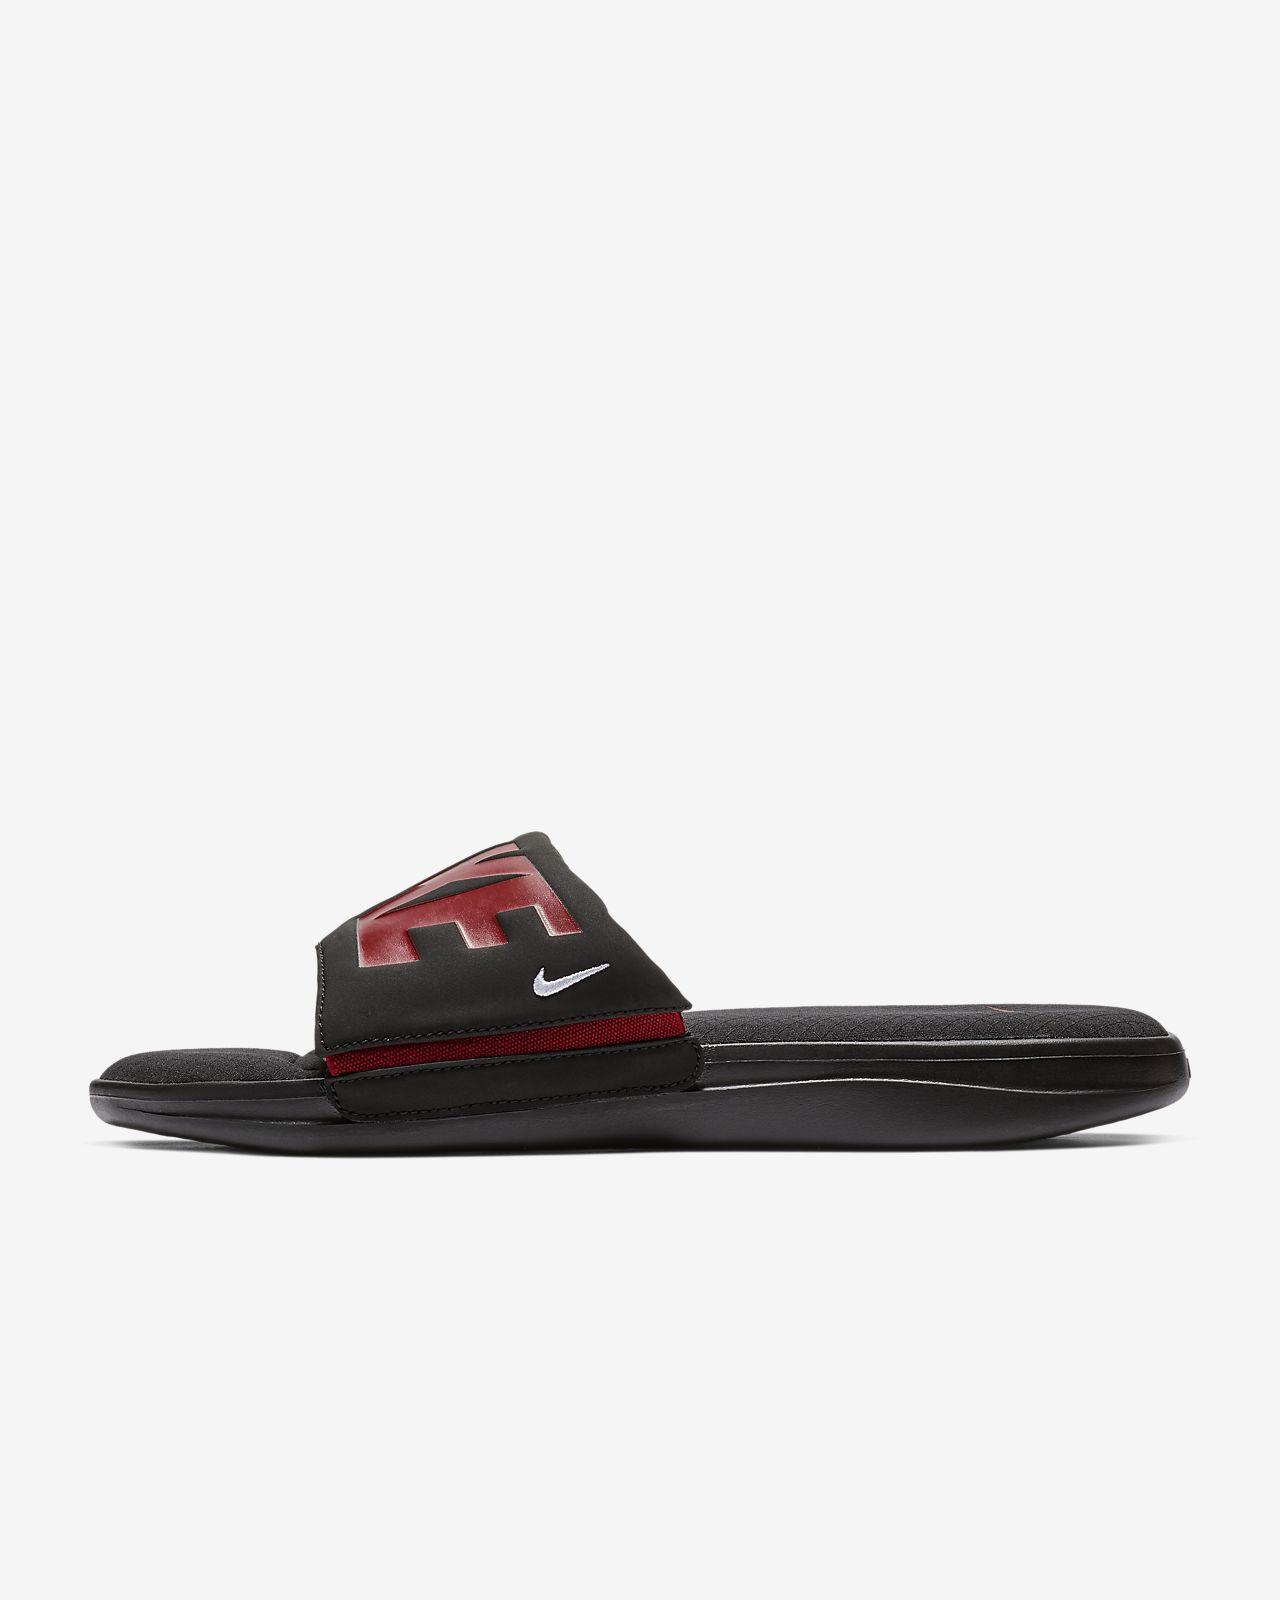 newest bfe83 fd75c ... Nike Ultra Comfort 3 Men s Slide